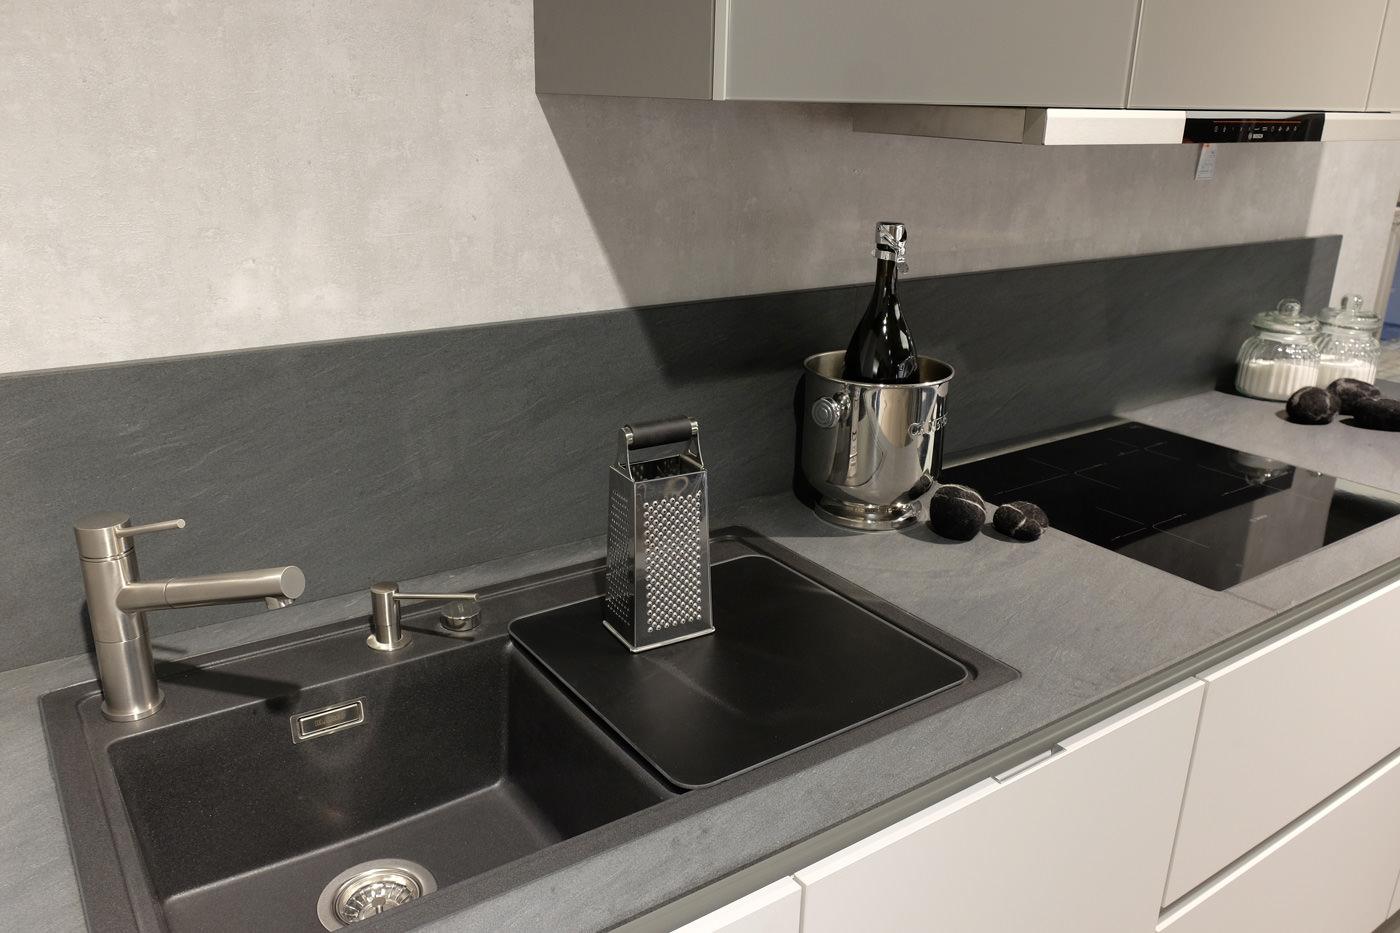 reddy k chen m lheim k rlich k chenm belherstellung m lheim k rlich deutschland tel. Black Bedroom Furniture Sets. Home Design Ideas